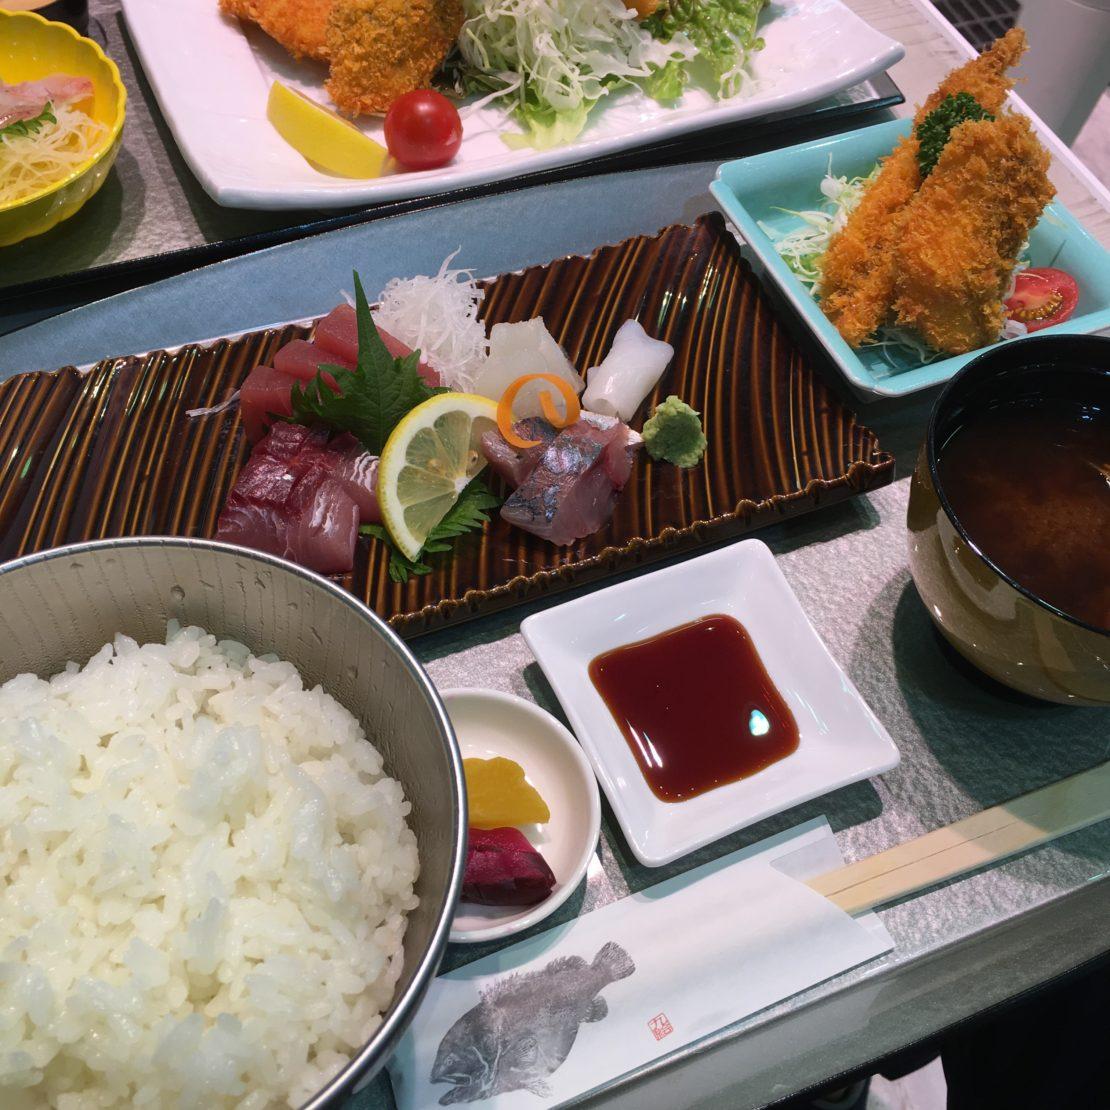 柳橋中央市場のSeaDining TERUTERUで豊浜港の地魚を味わおう